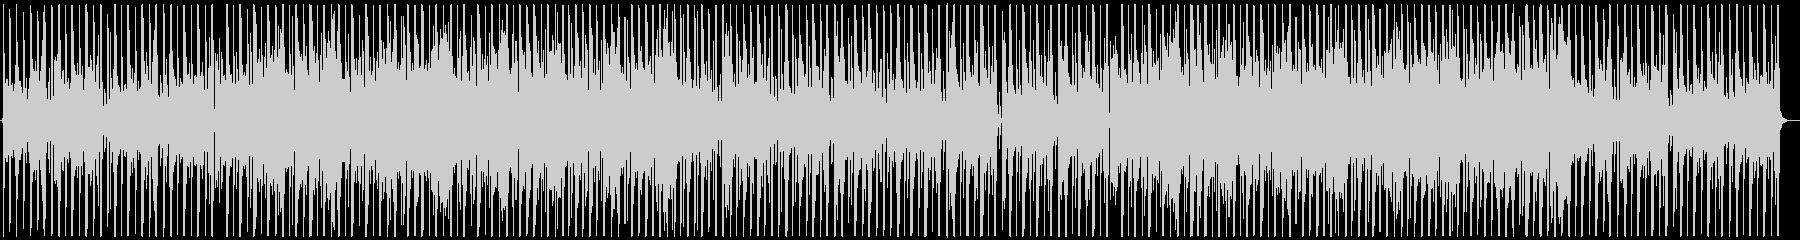 お洒落なジャズHipHopの未再生の波形